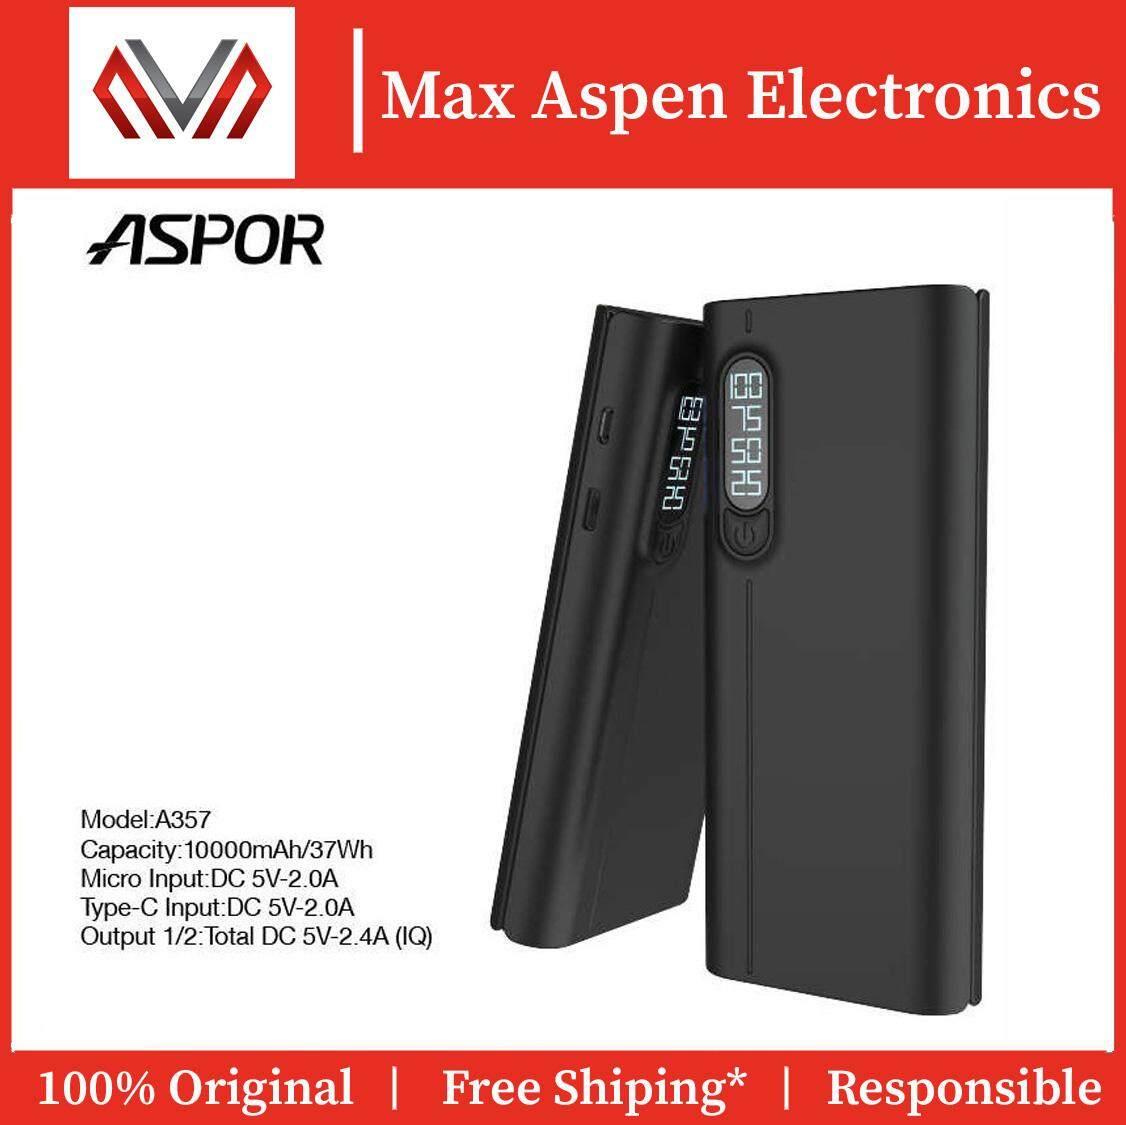 ASPOR A357 10000mAh Power Bank - 100% ASPOR Original Product (1 Year Warranty)